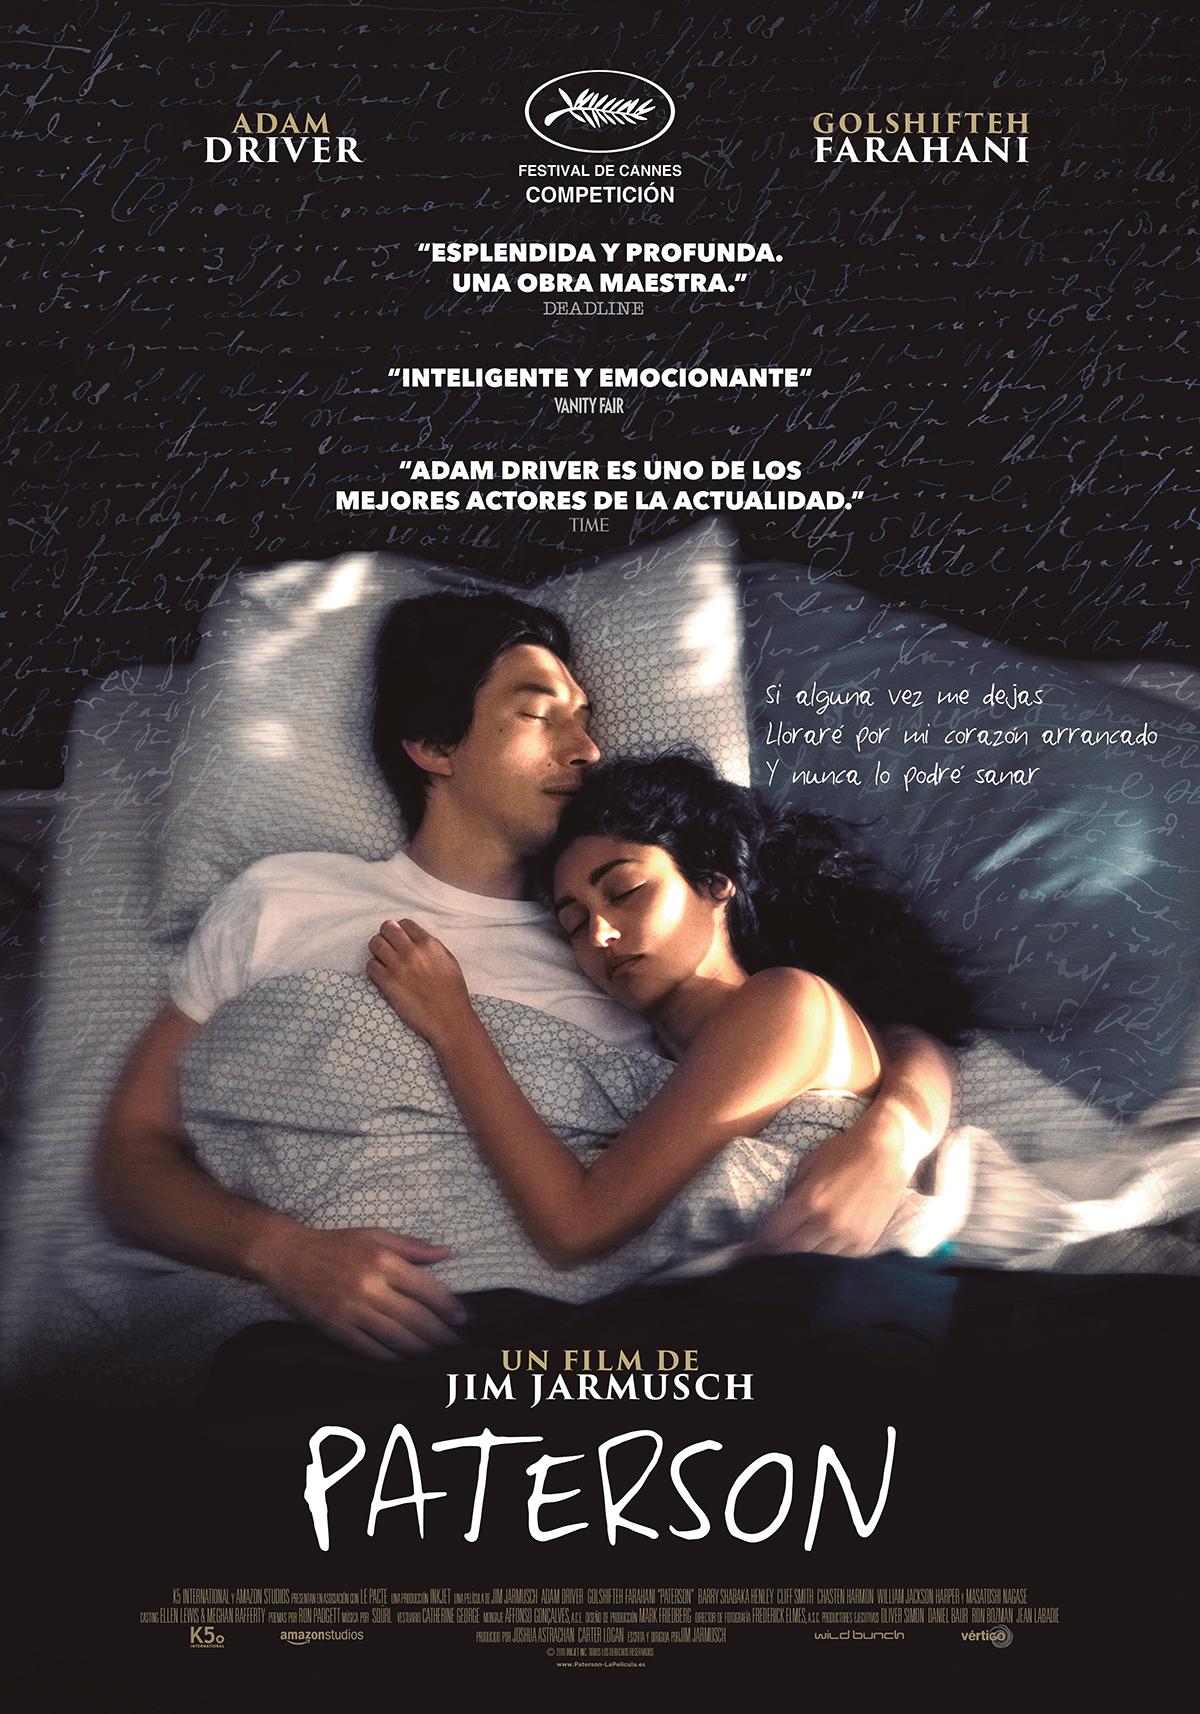 Paterson - Película 2016 - SensaCine.com